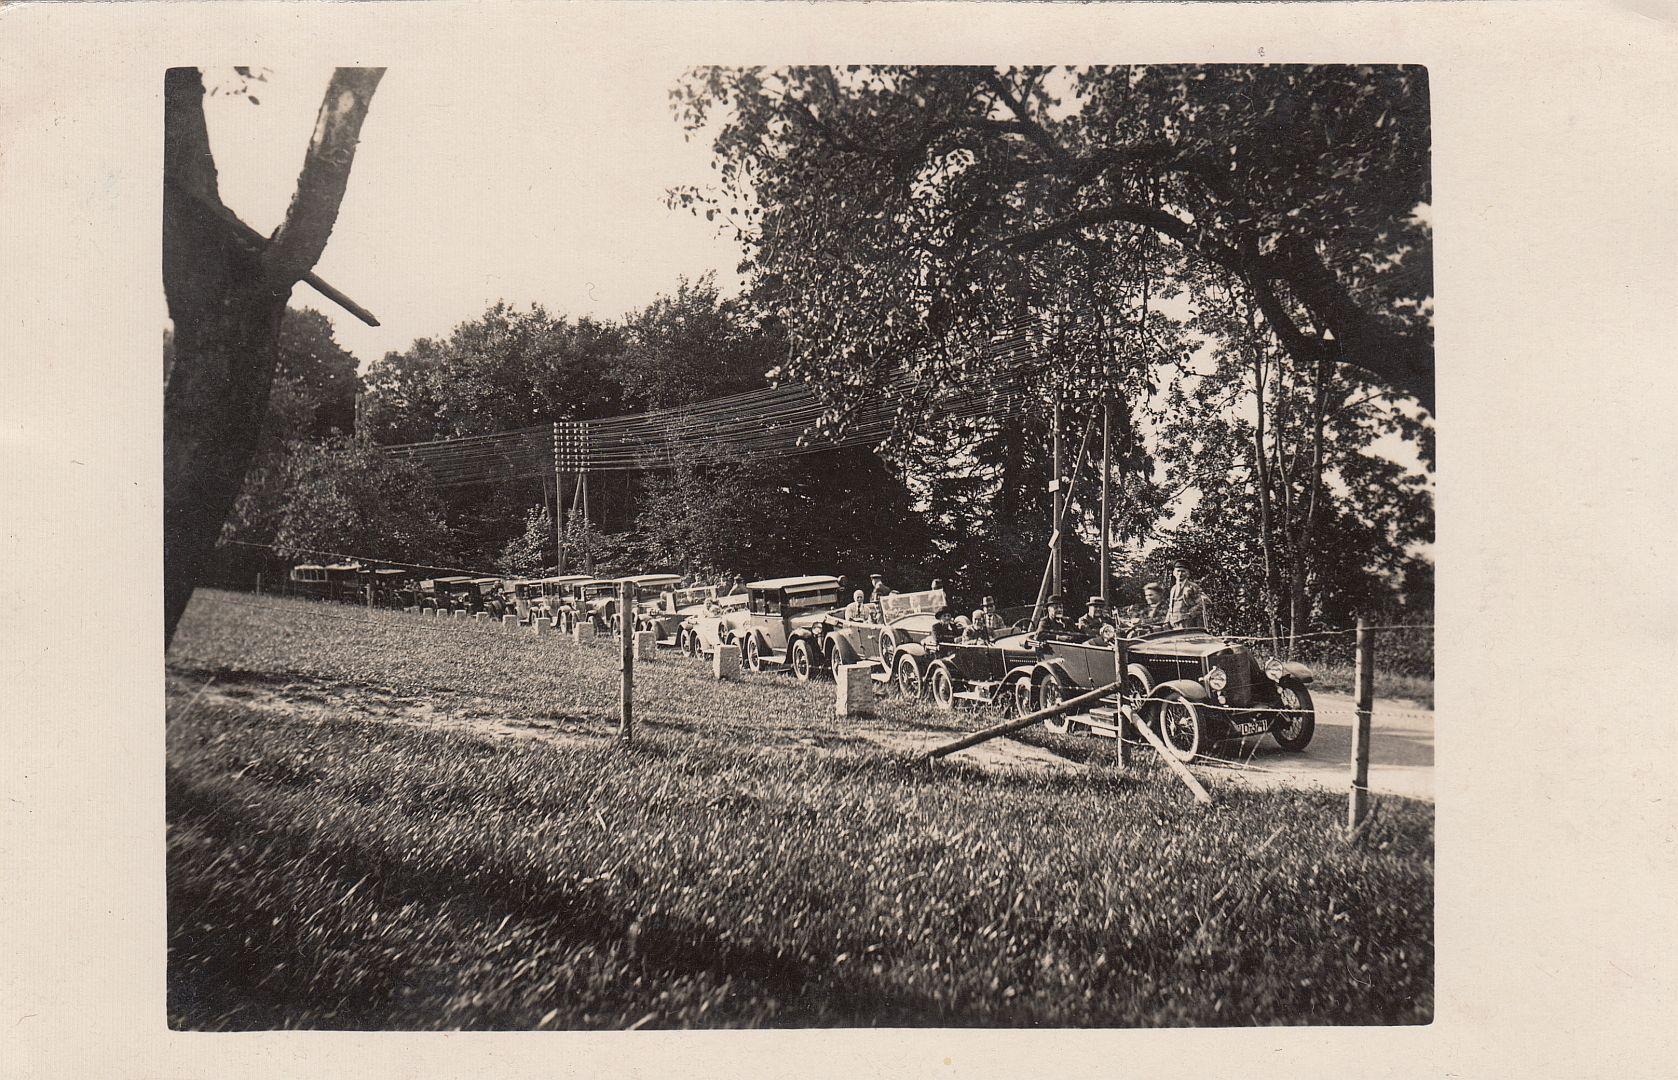 Wagen der 1920er Jahre